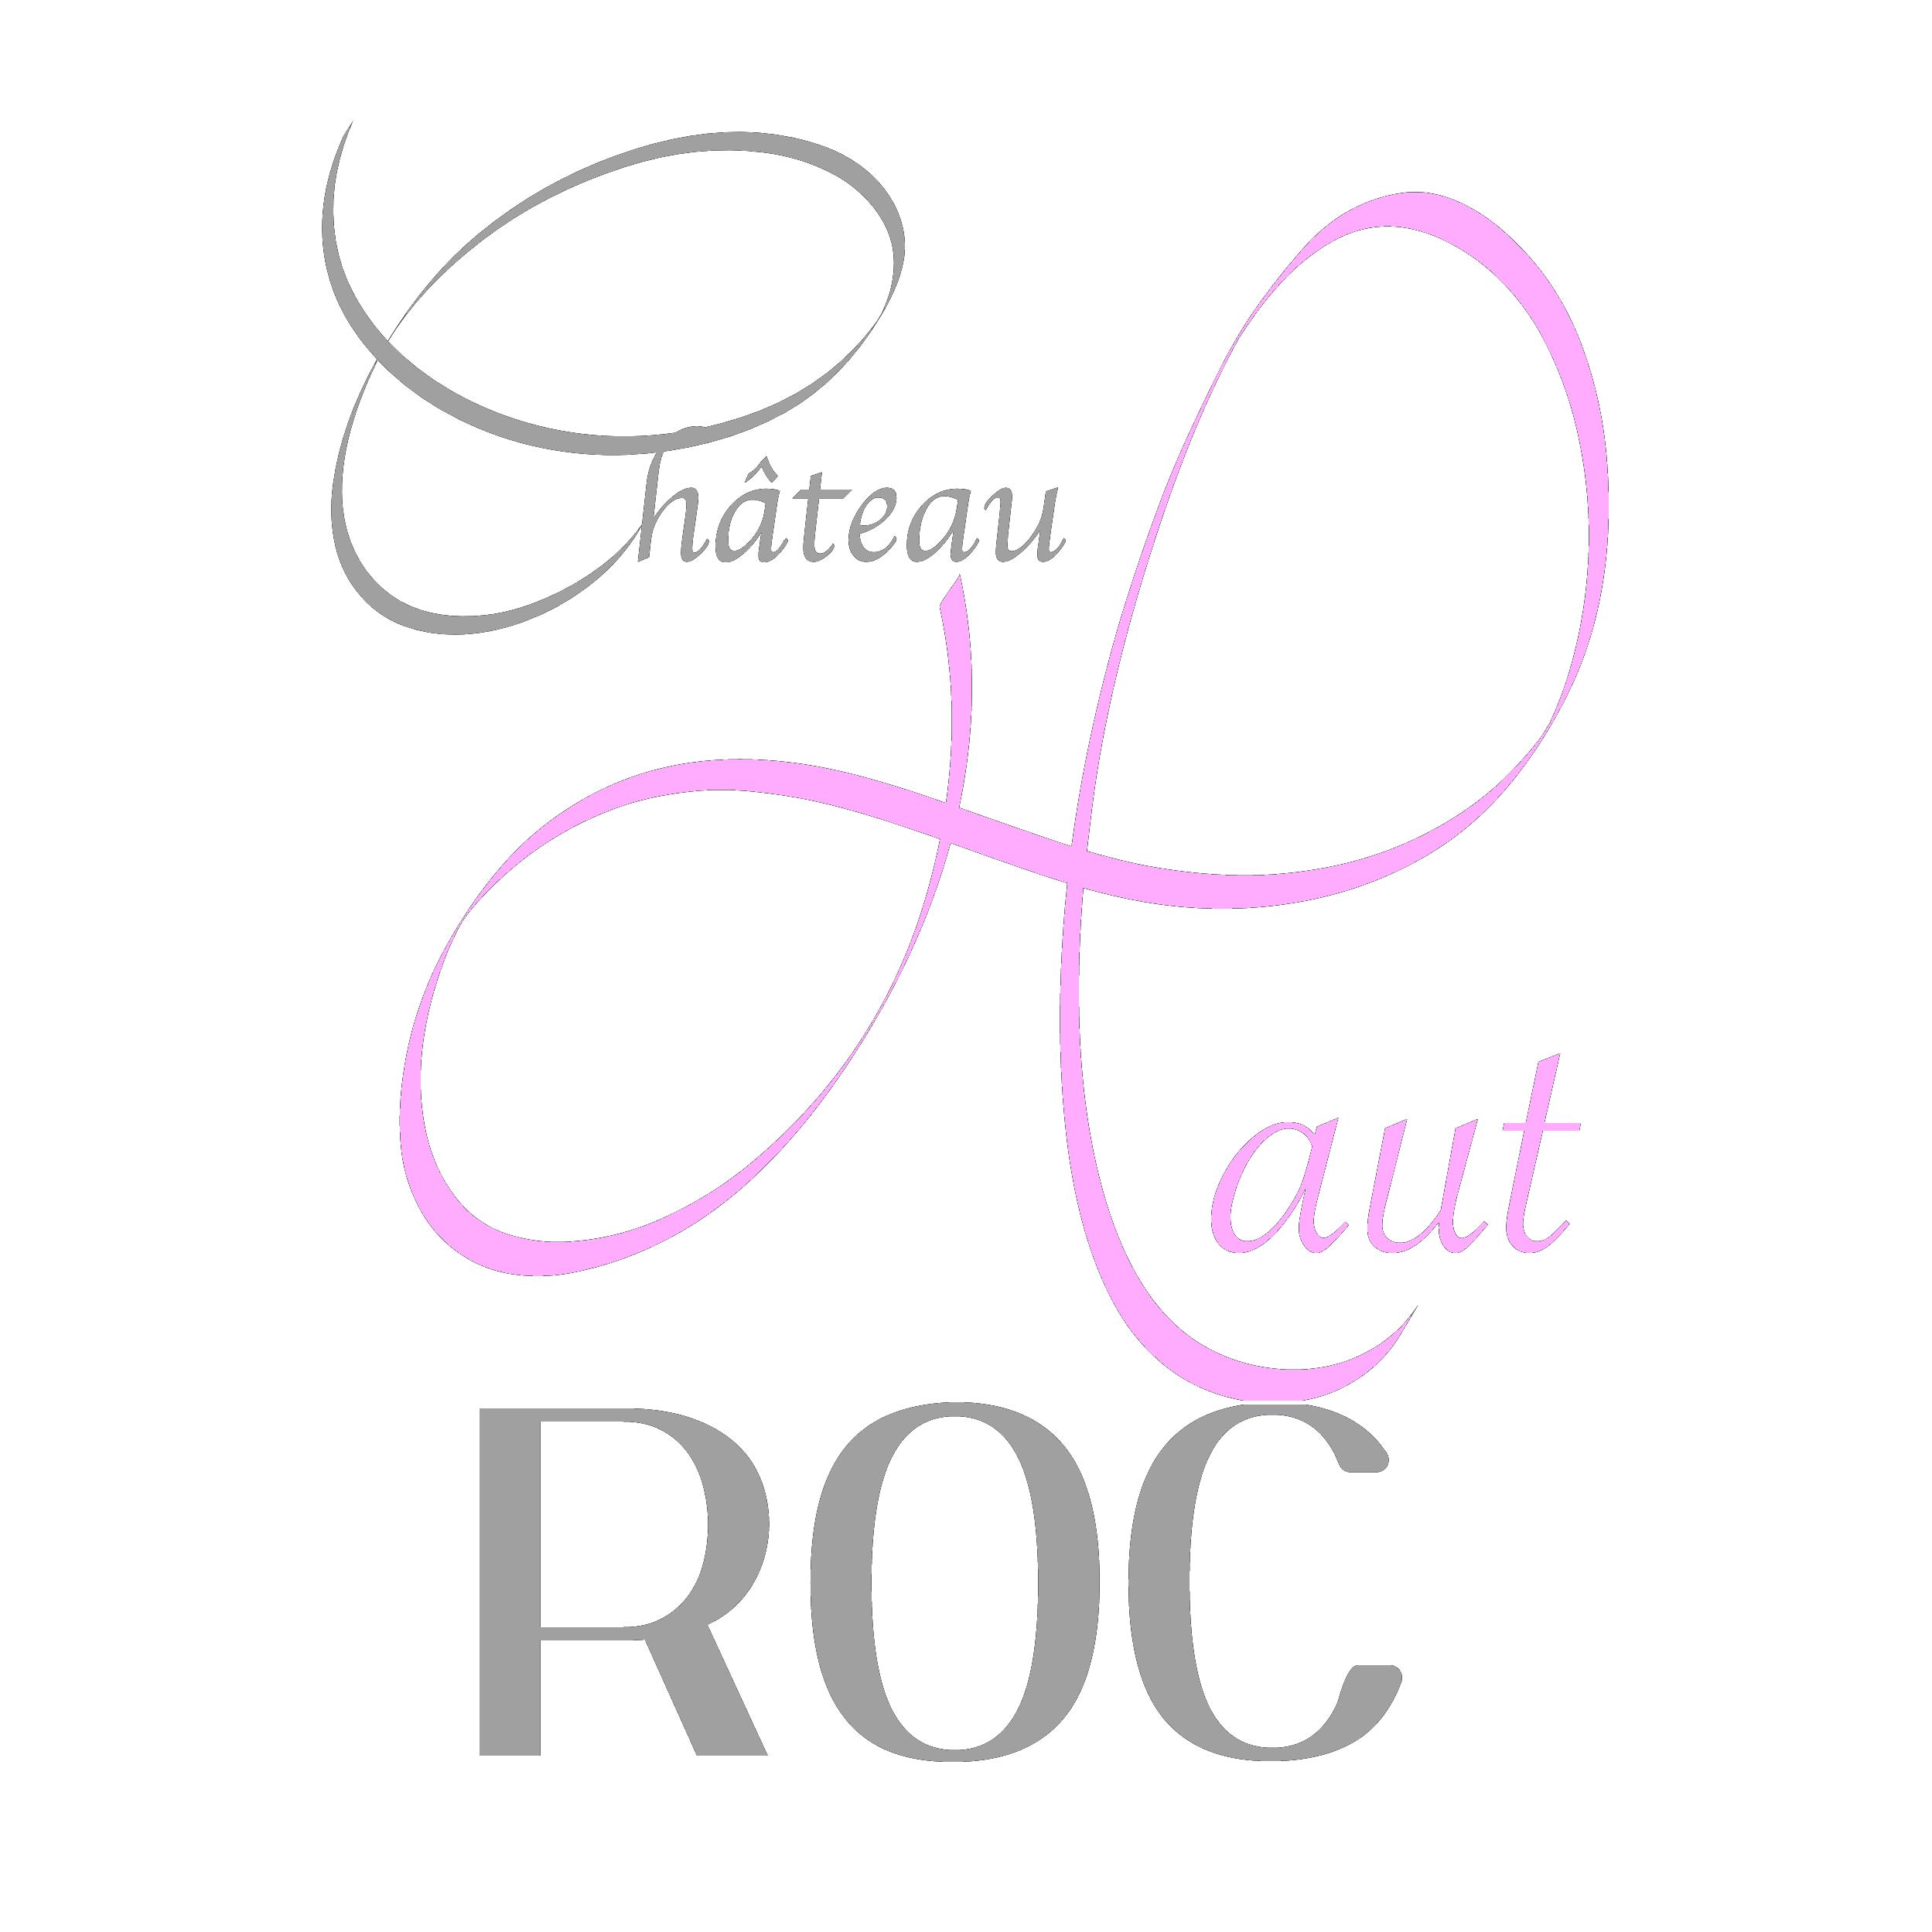 Château Haut Roc producteur de vins bio, biodynamiques et naturels Bordeaux